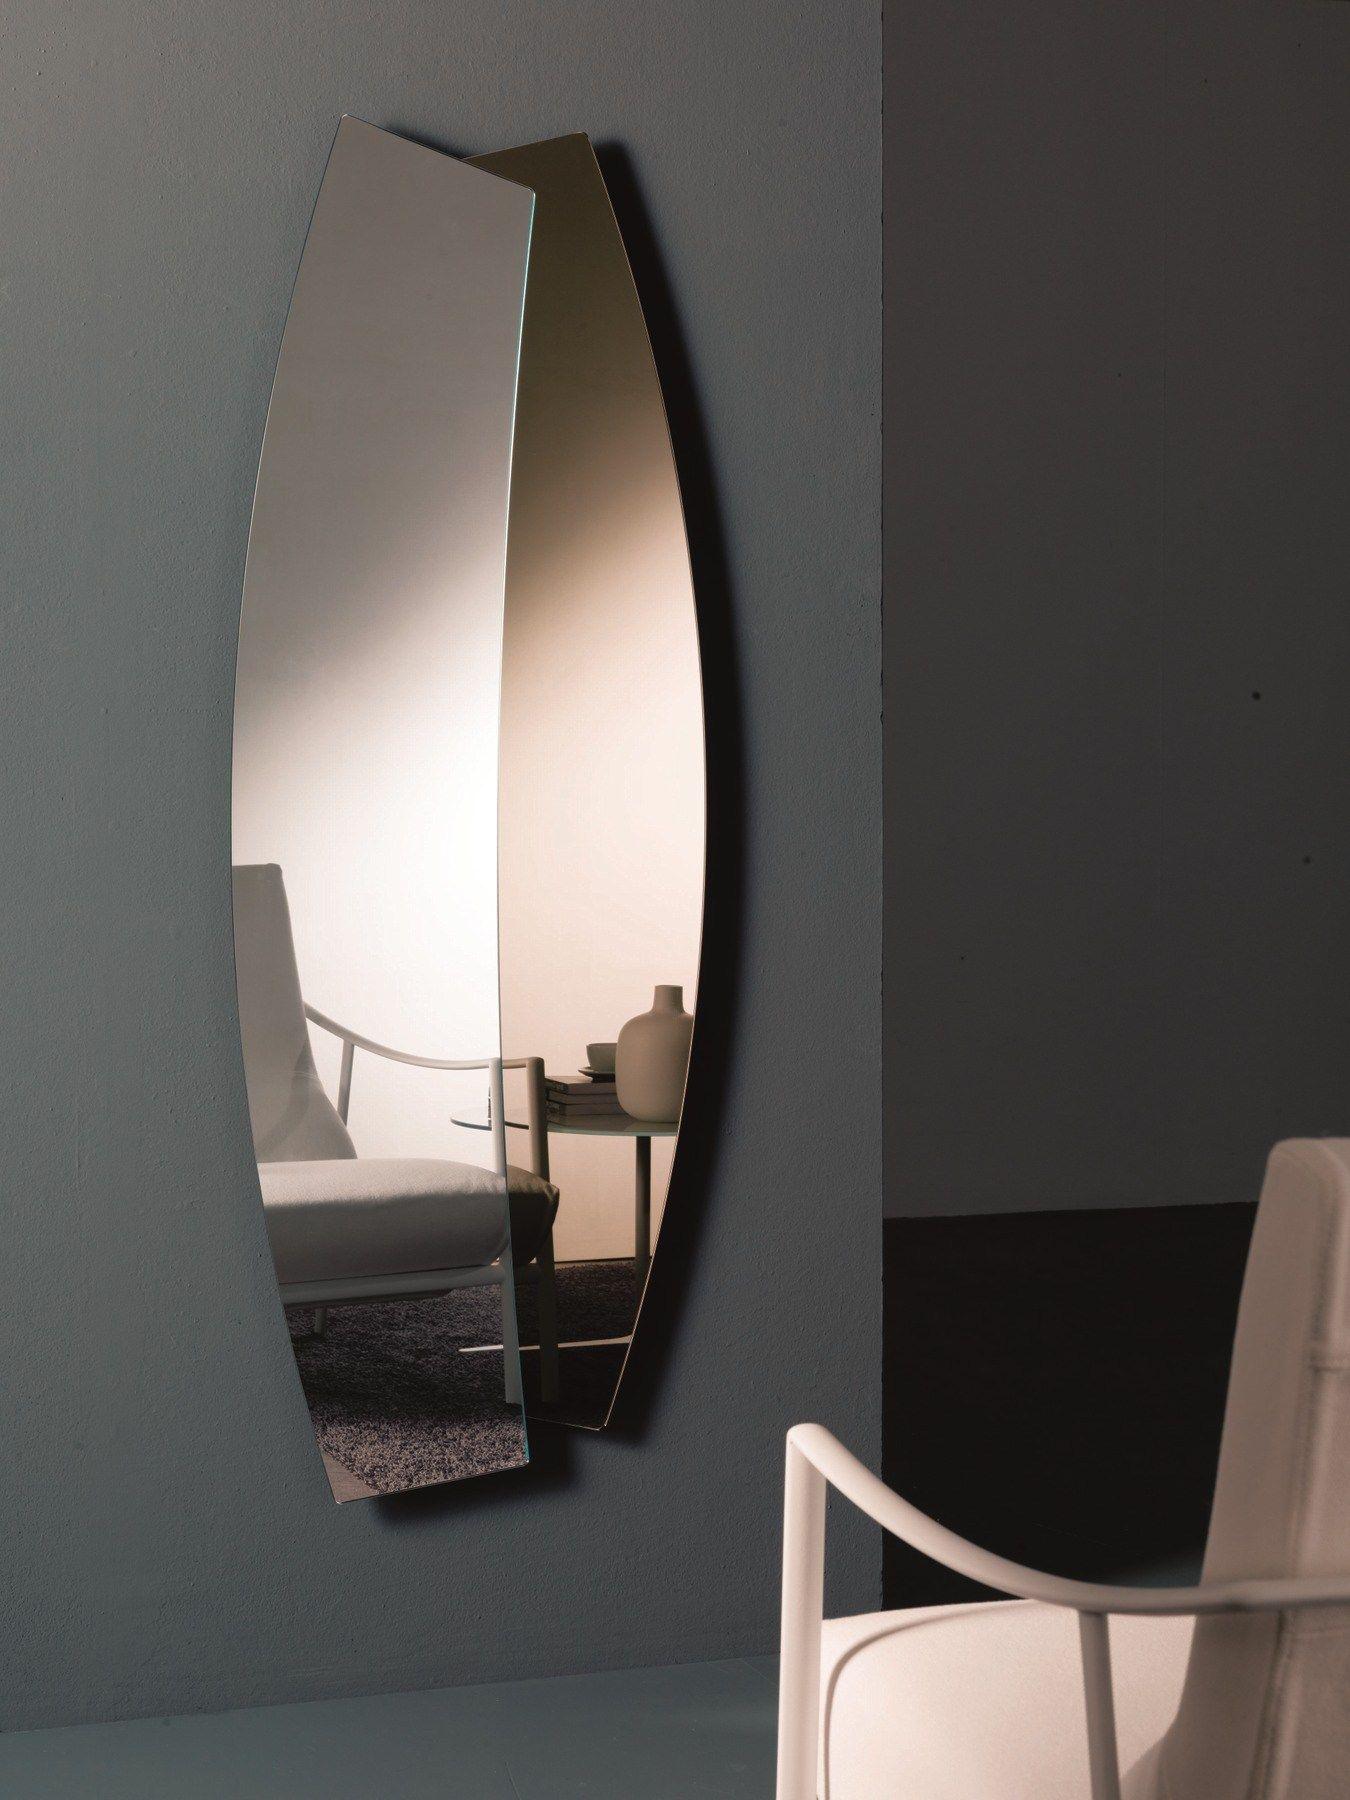 Specchio in stile moderno a parete double by bontempi casa - Specchi particolari da parete ...